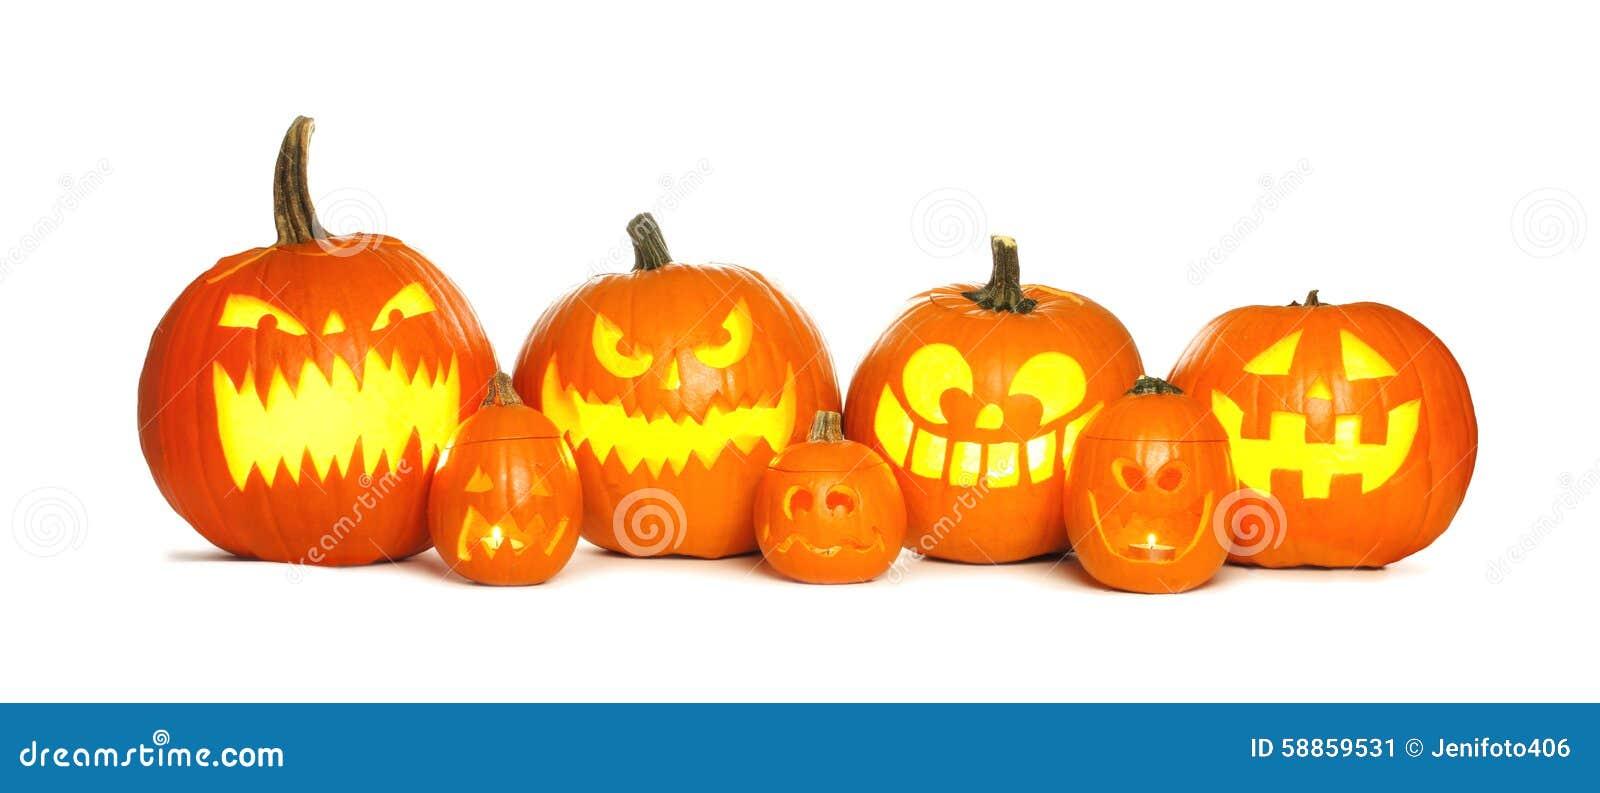 Row Of Halloween Jack O Lanterns Over White Stock Photo 58859531 ...